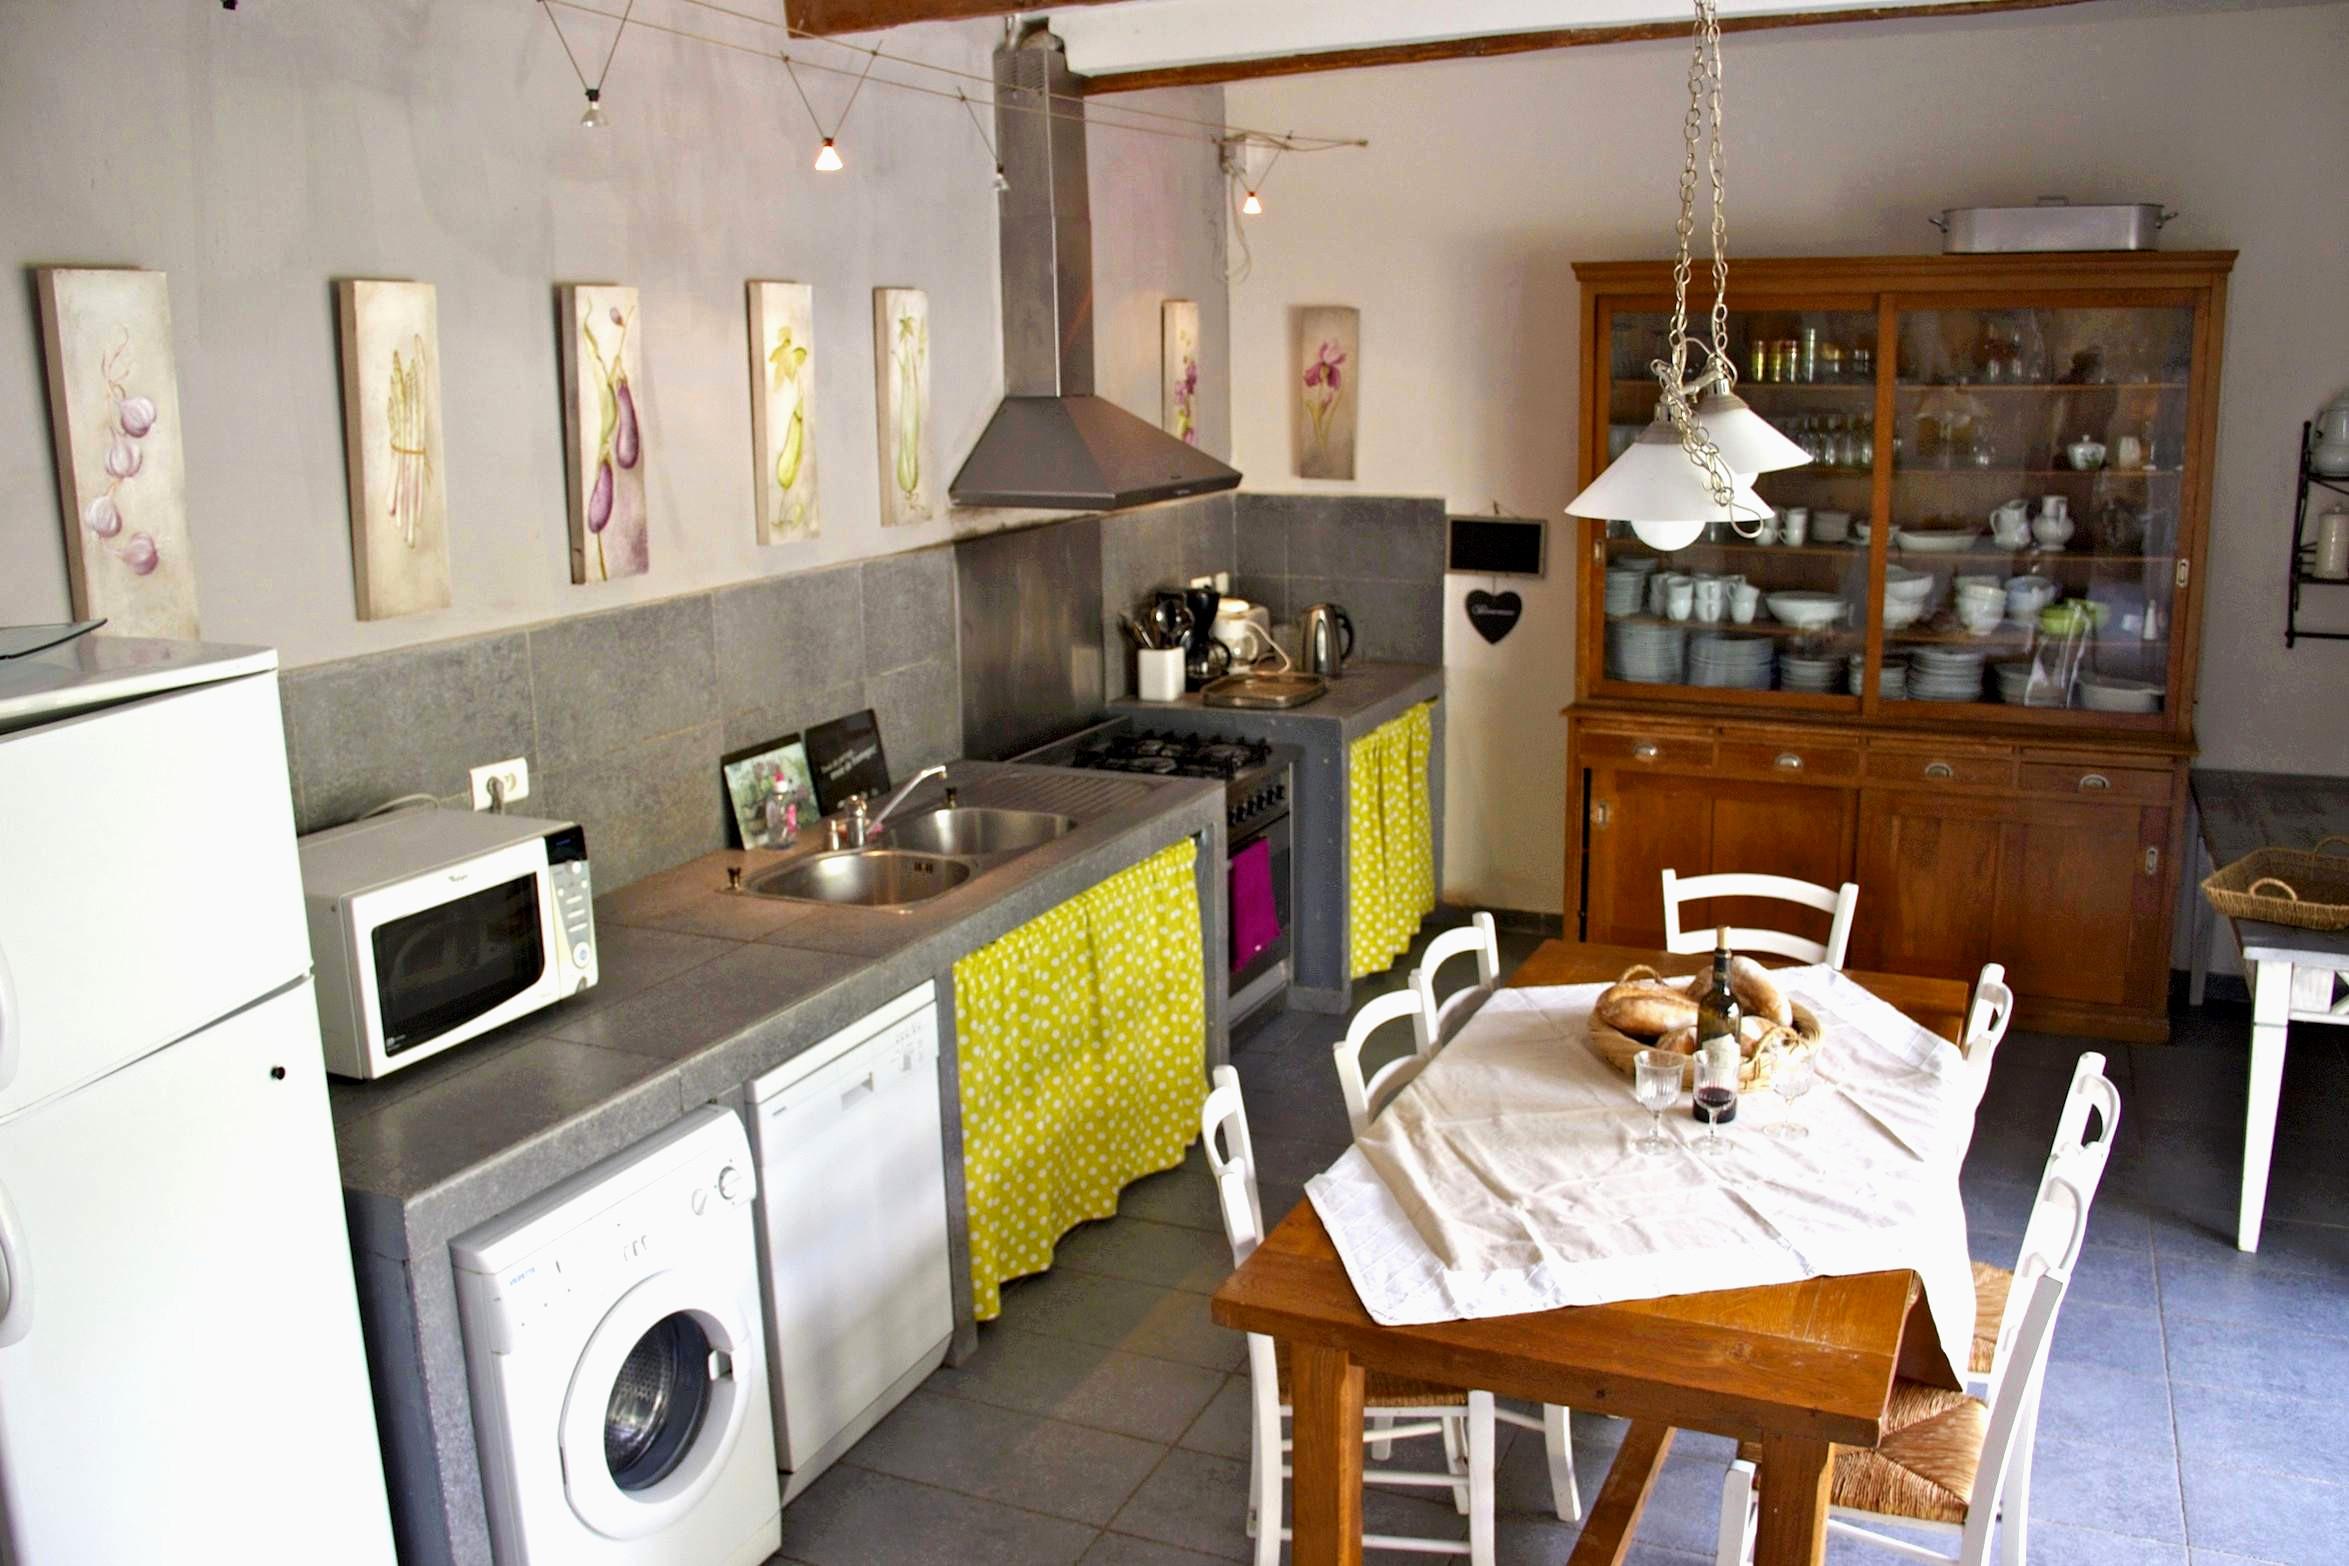 cuisine ilot central incroyables 45 nouveau repeindre meuble cuisine melamine des cuisine ilot central